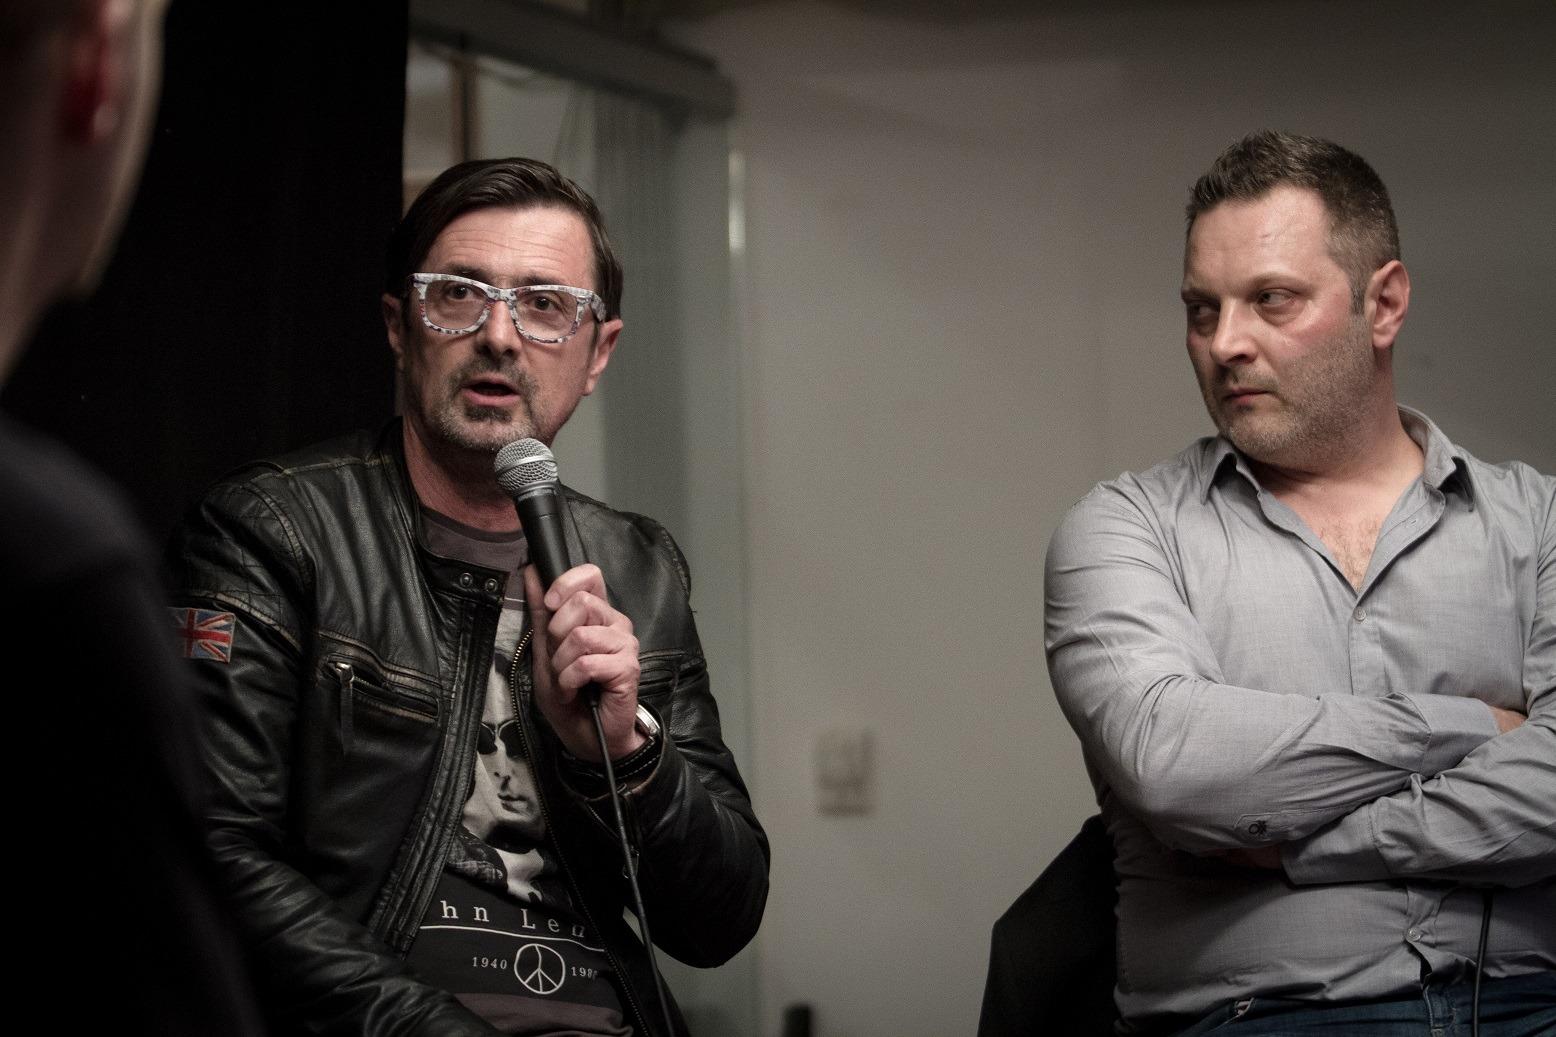 """""""Szeretnénk elérni a Classnál, hogy Magyarországon a """"mainstream"""" kifejezés ne legyen szitokszó. Az általunk nem játszott előadóktól azt kapjuk, hogy mi nem értjük meg őket, nem játsszuk a dalaikat, pedig életük főművét produkálták"""" -Csiszár Jenő, Class FM."""